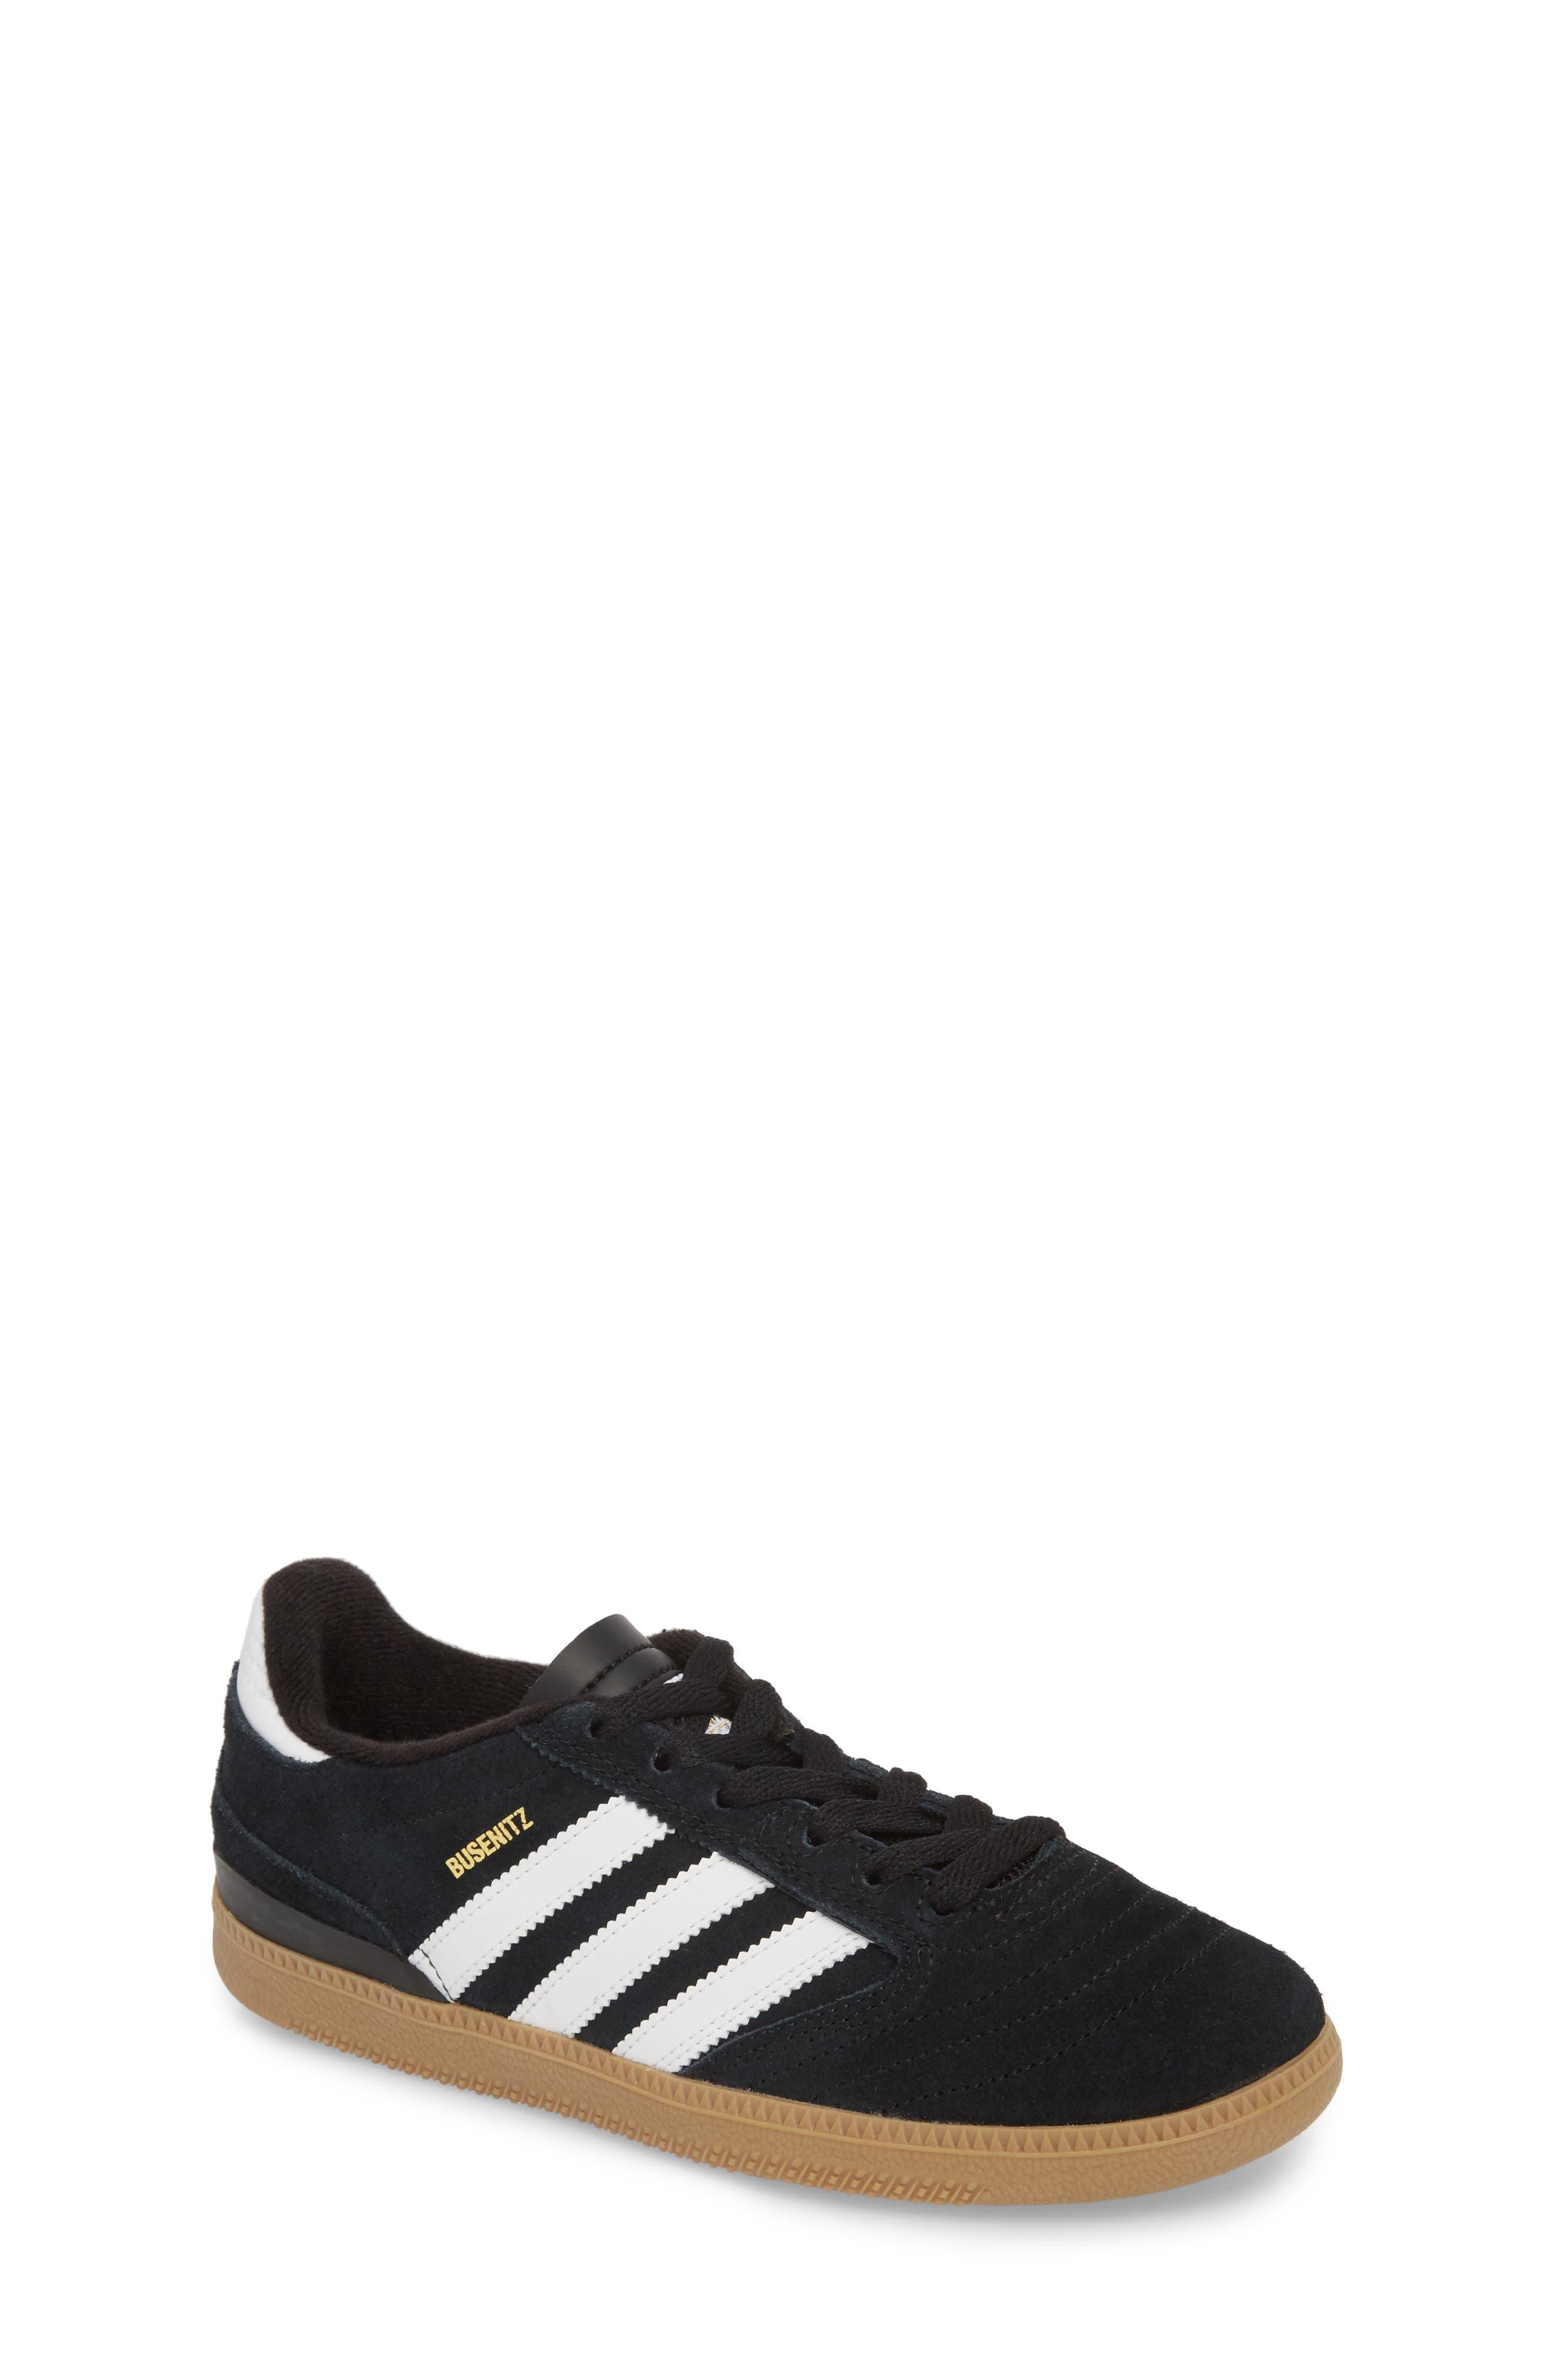 Busenitz Skateboarding Sneaker,                         Main,                         color, Black/ White/ Gold